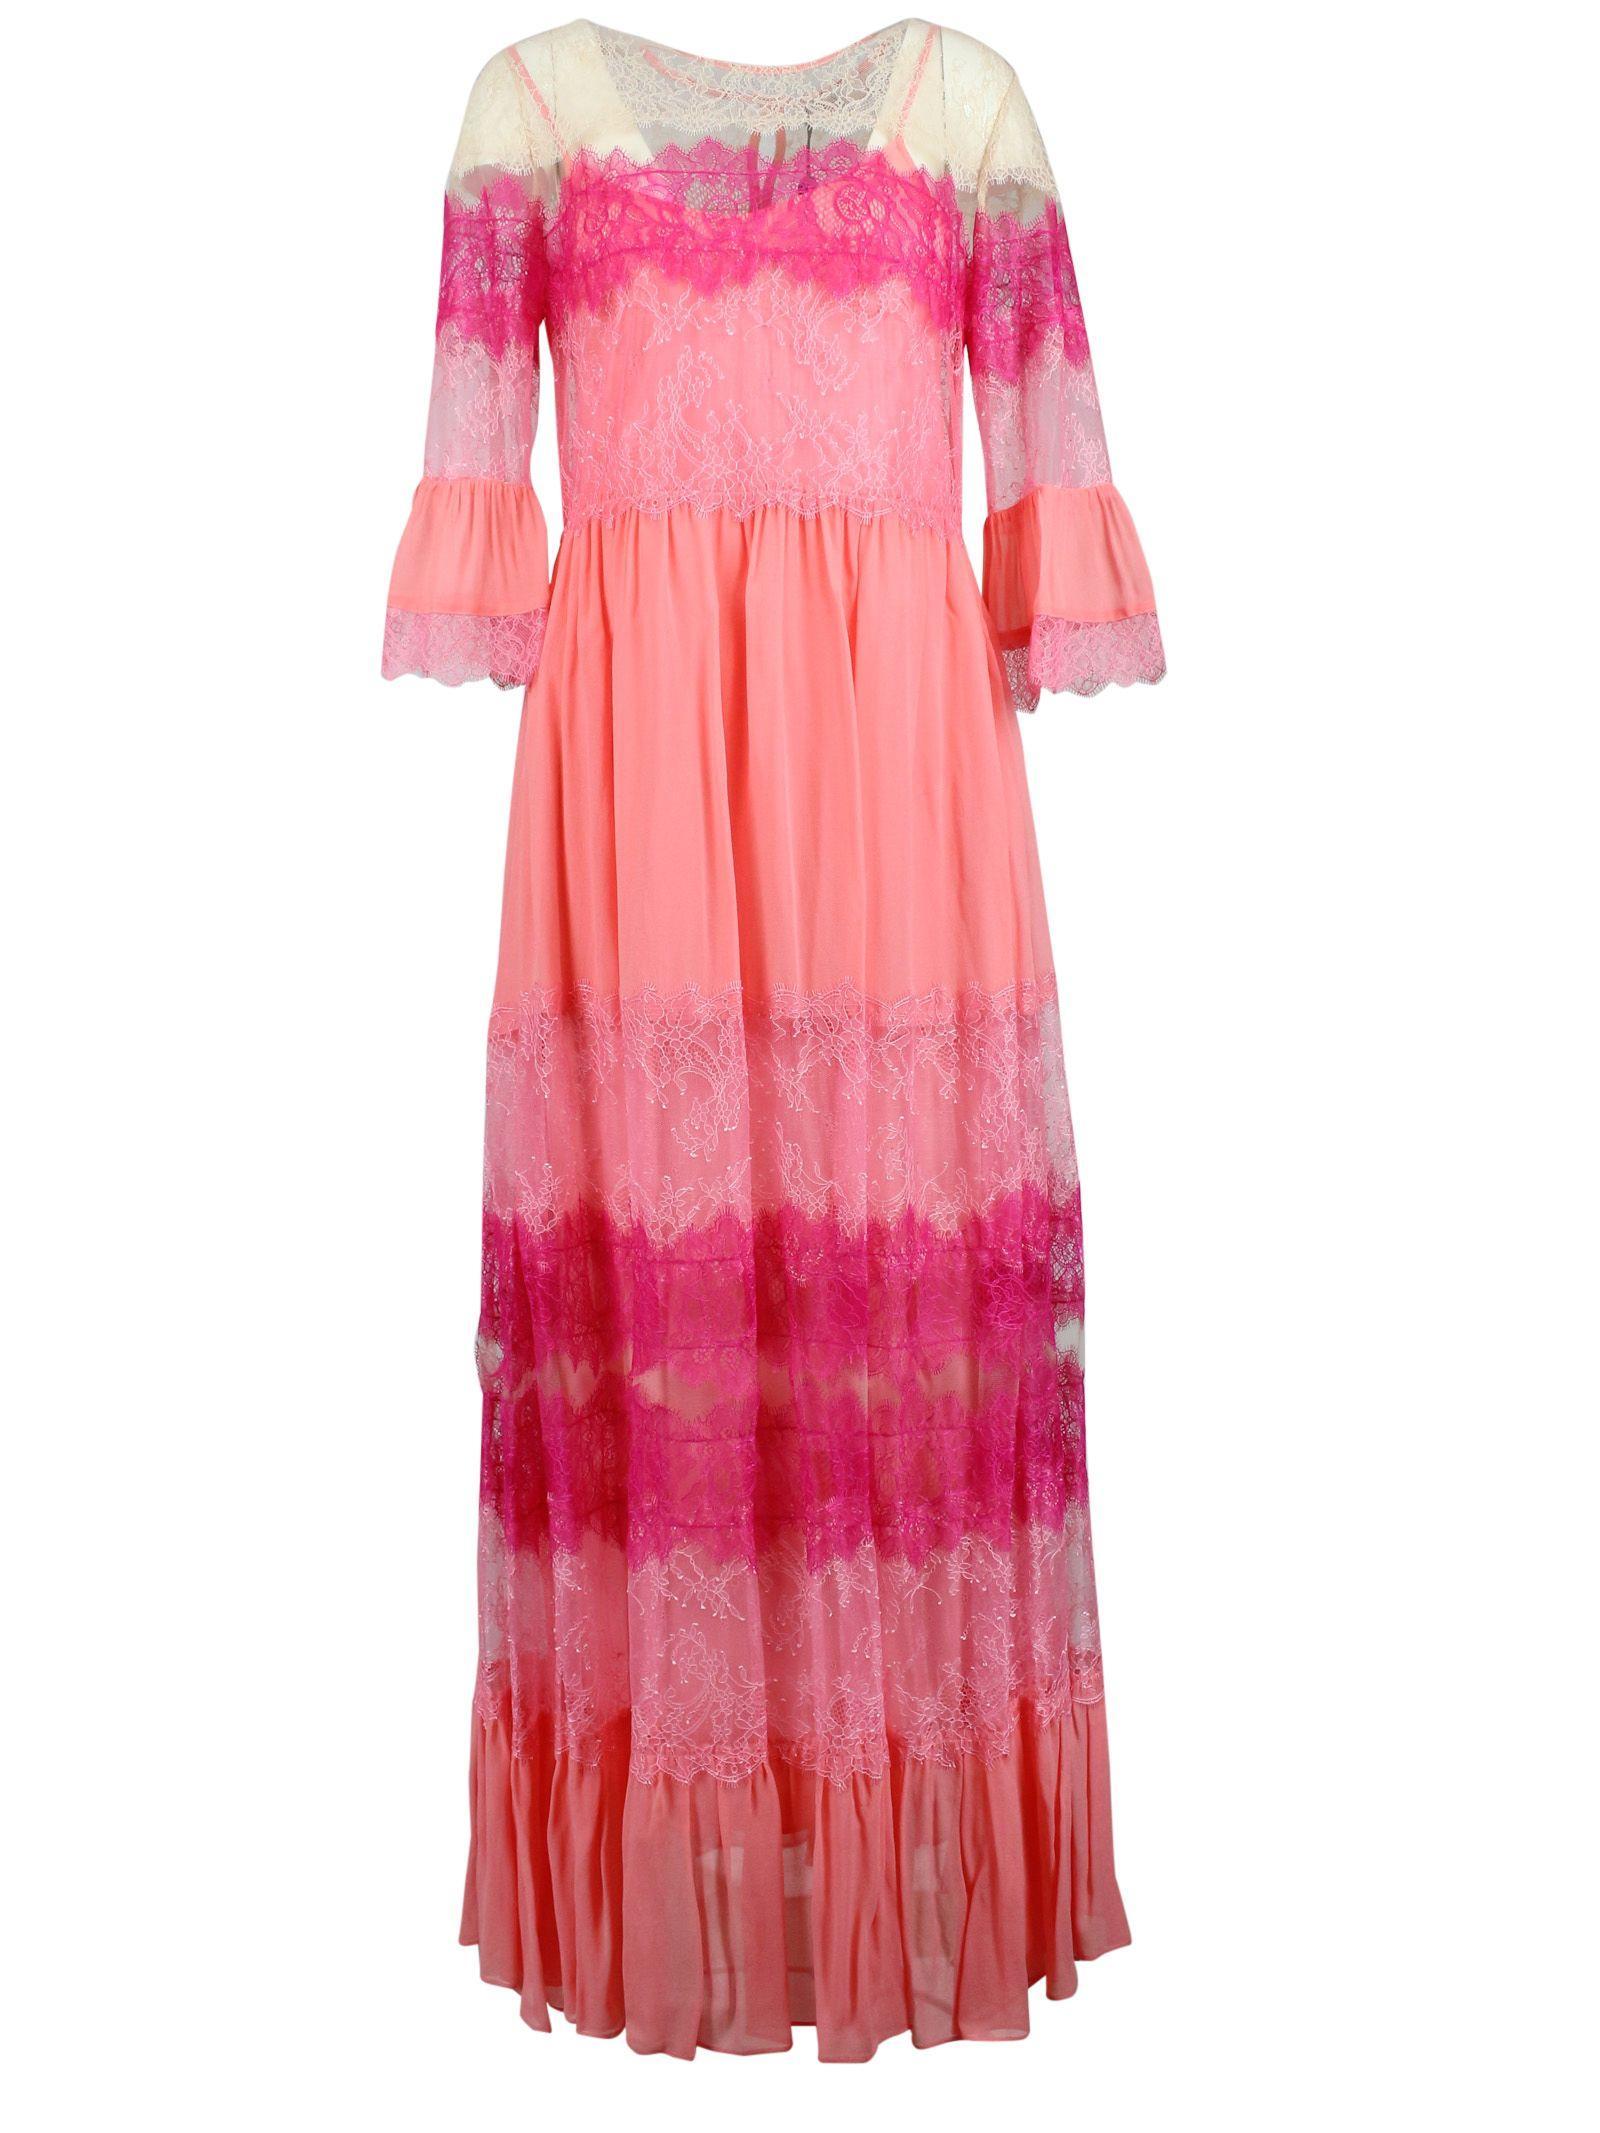 c321d5b00f3ffa Lyst - Twin Set Dress Women in Pink - Save 15%